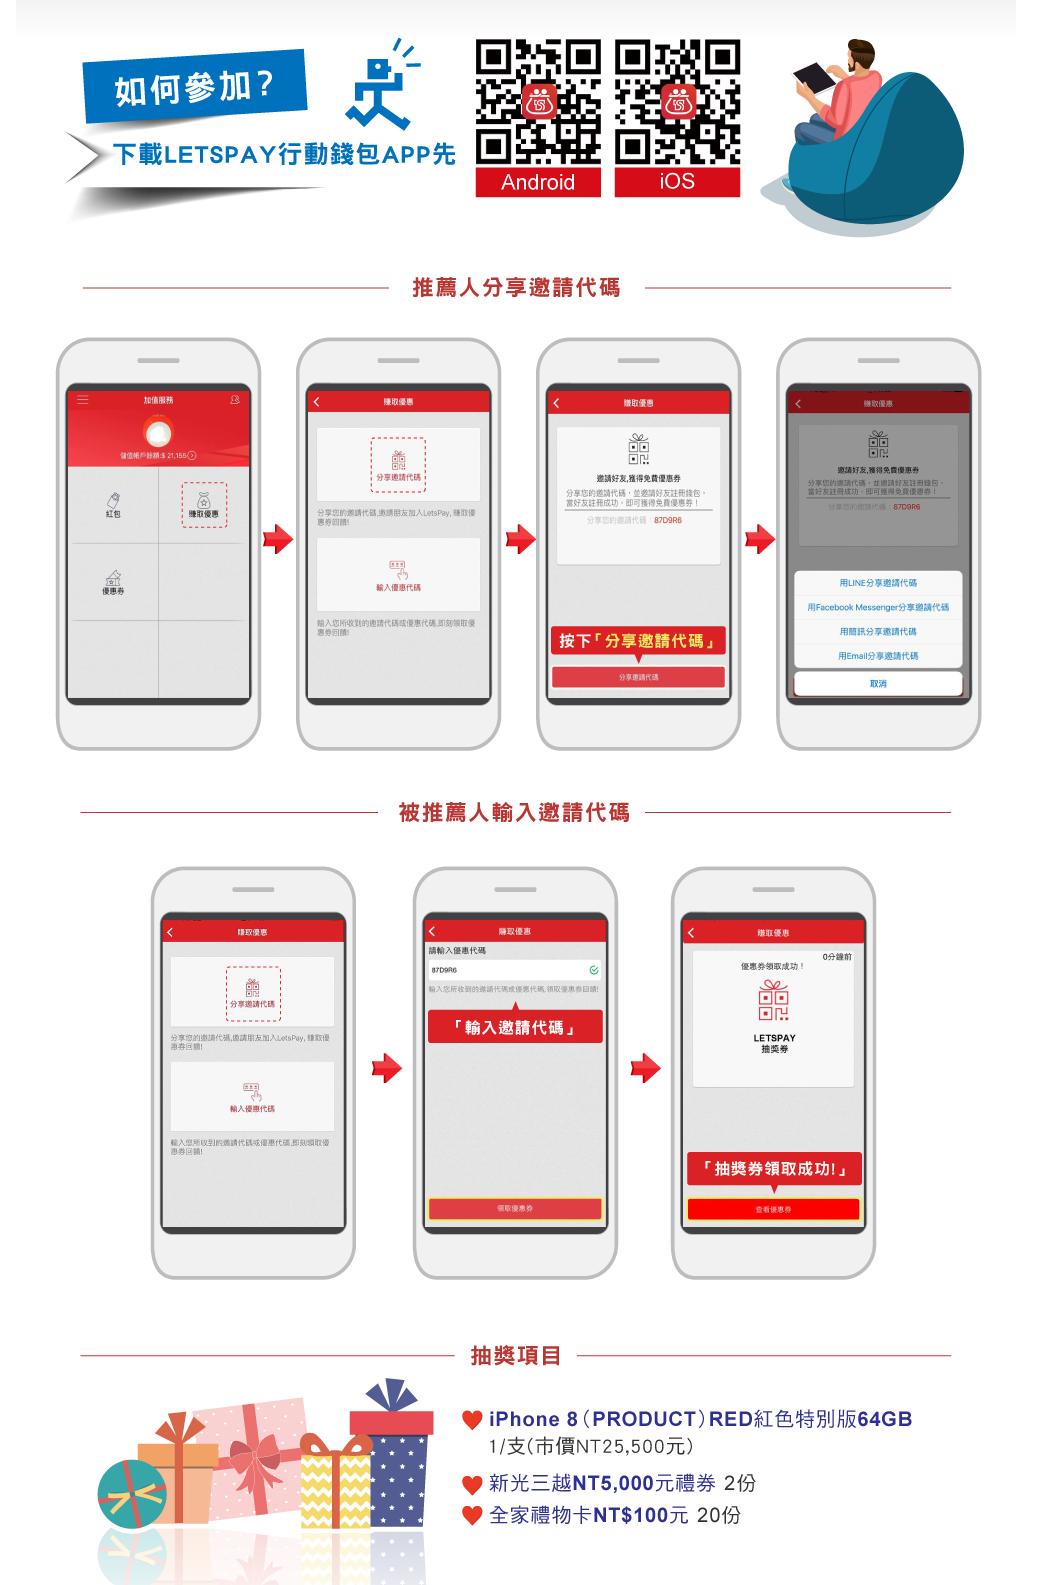 臺新LETSPAY獨享週六10+3.5%,註冊抽iPhone! @ 符碼記憶